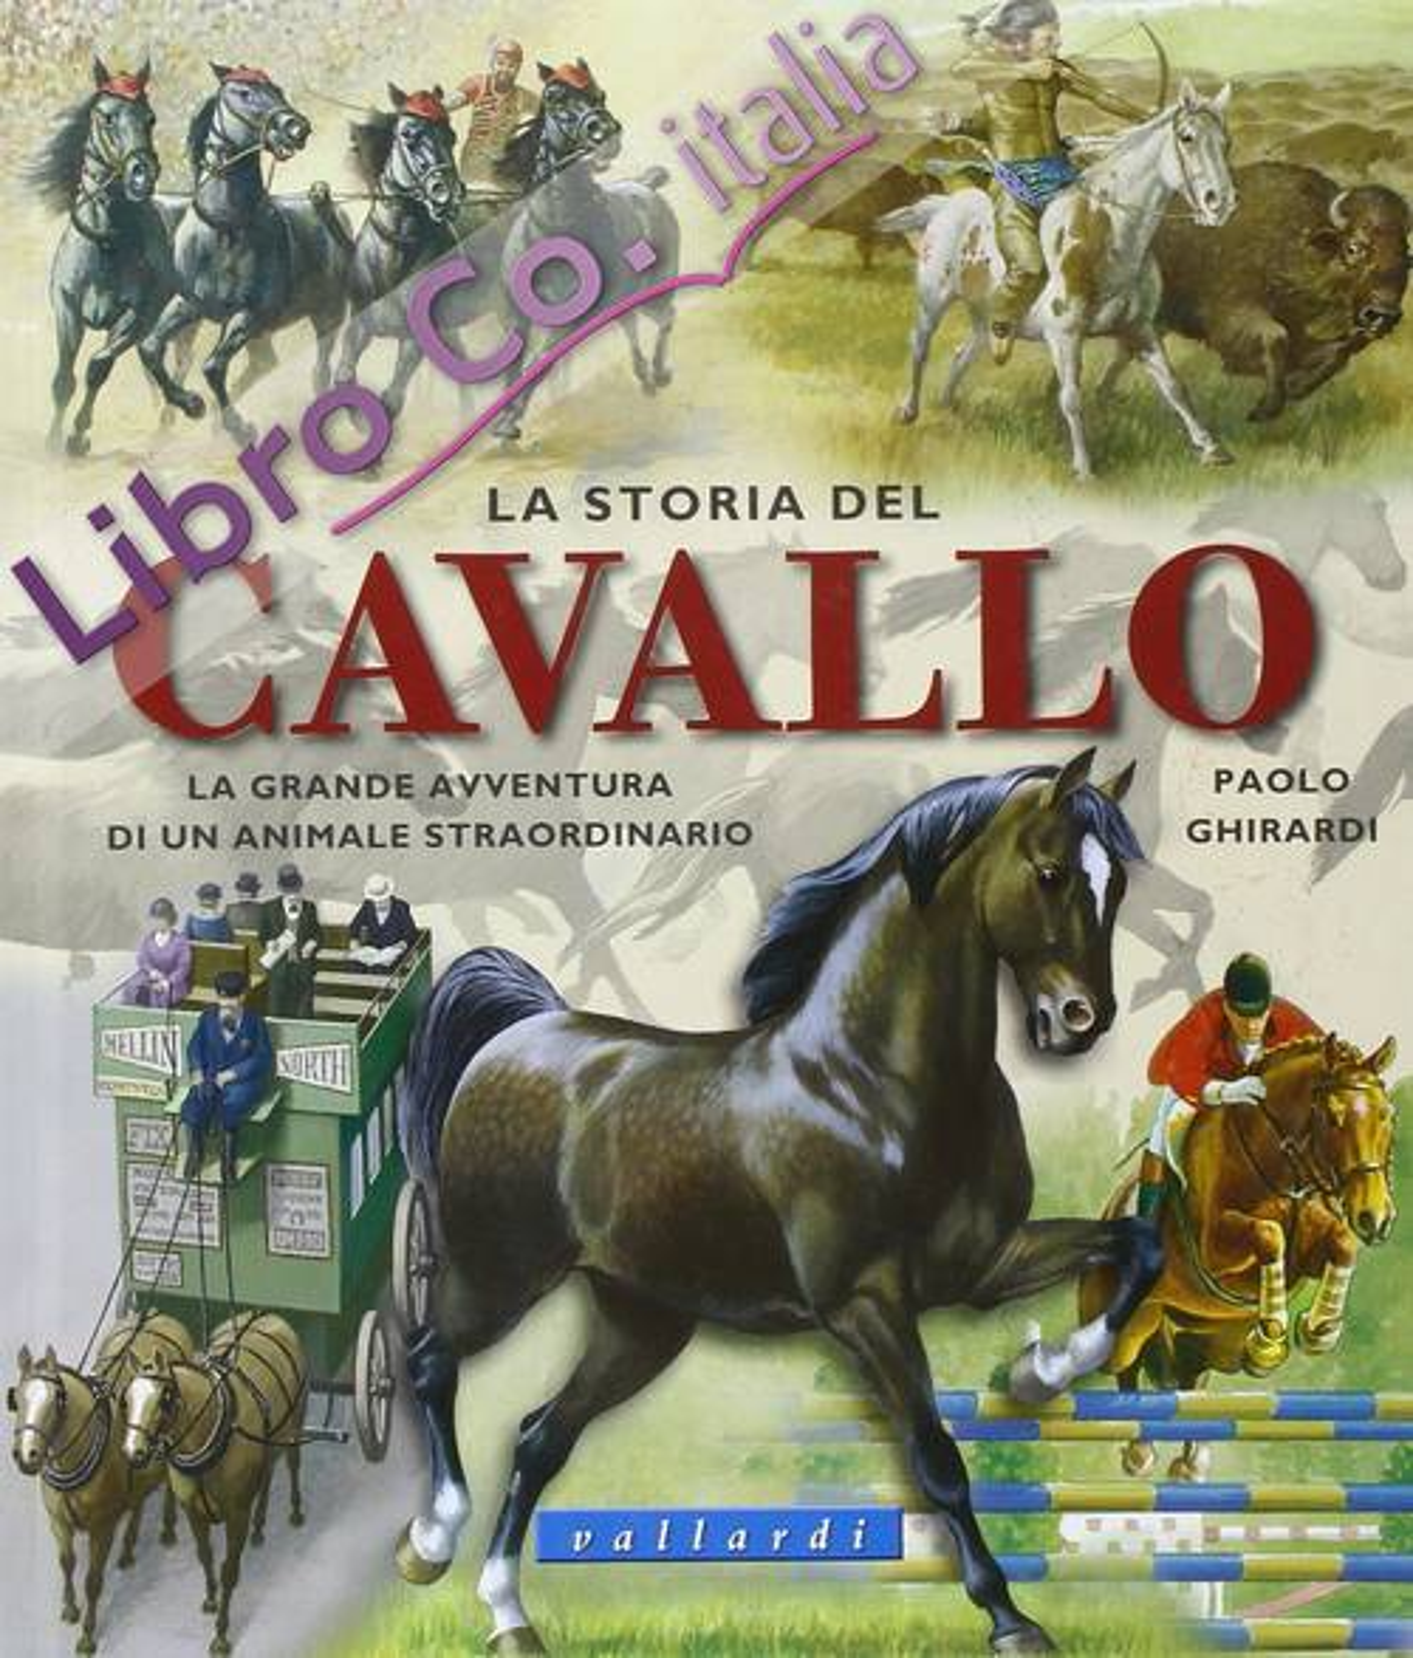 La storia del cavallo.